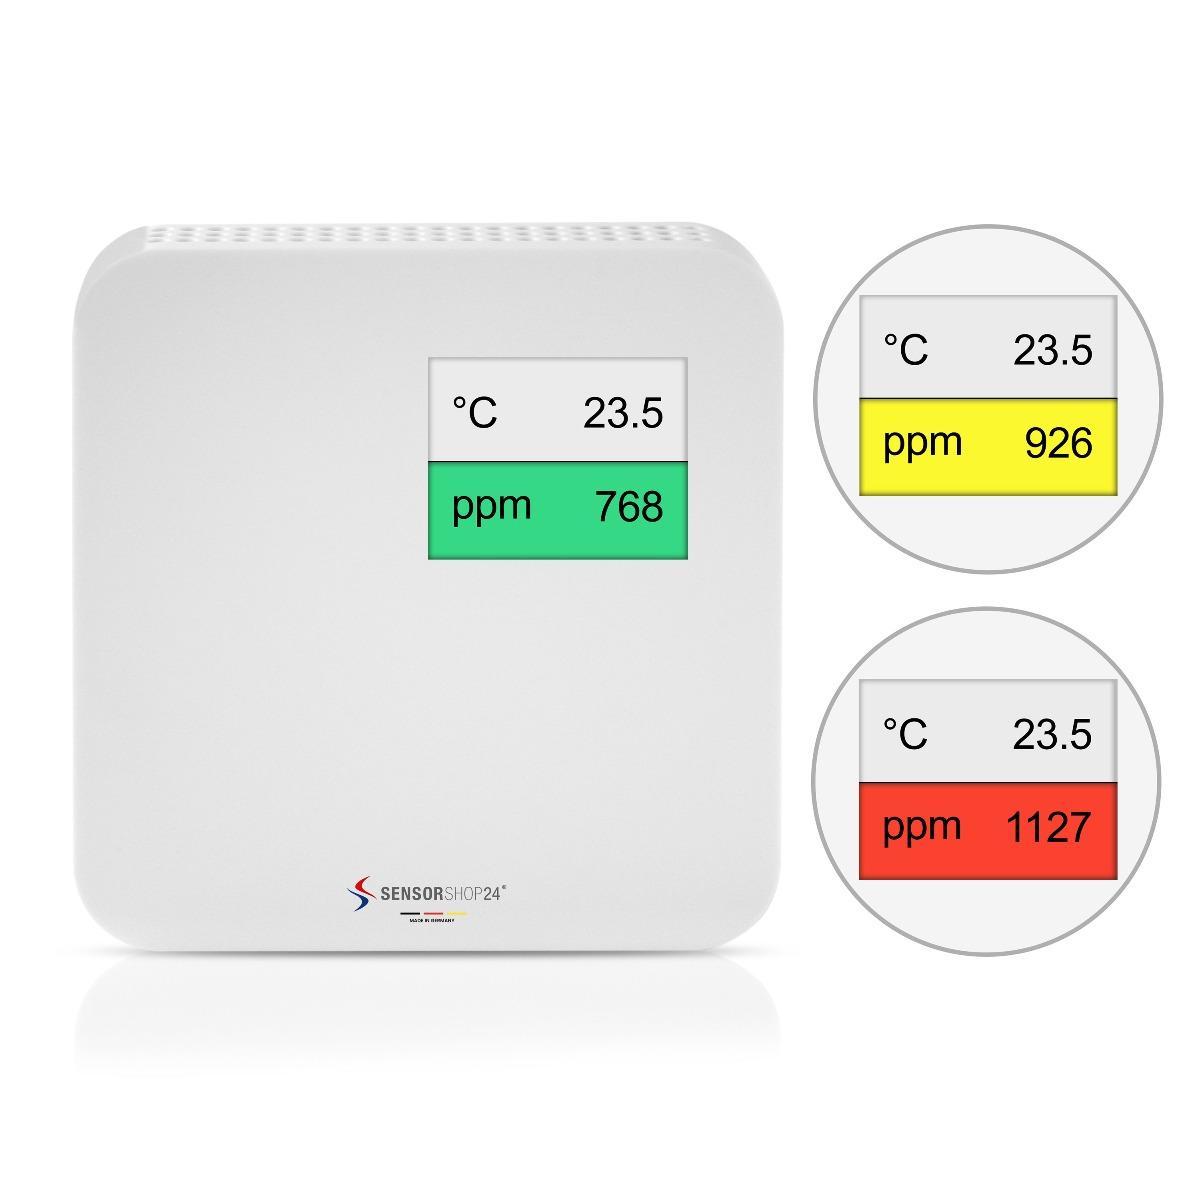 Luftqualitätsmonitor mit Ampel zur Messung von CO2 und Temperatur